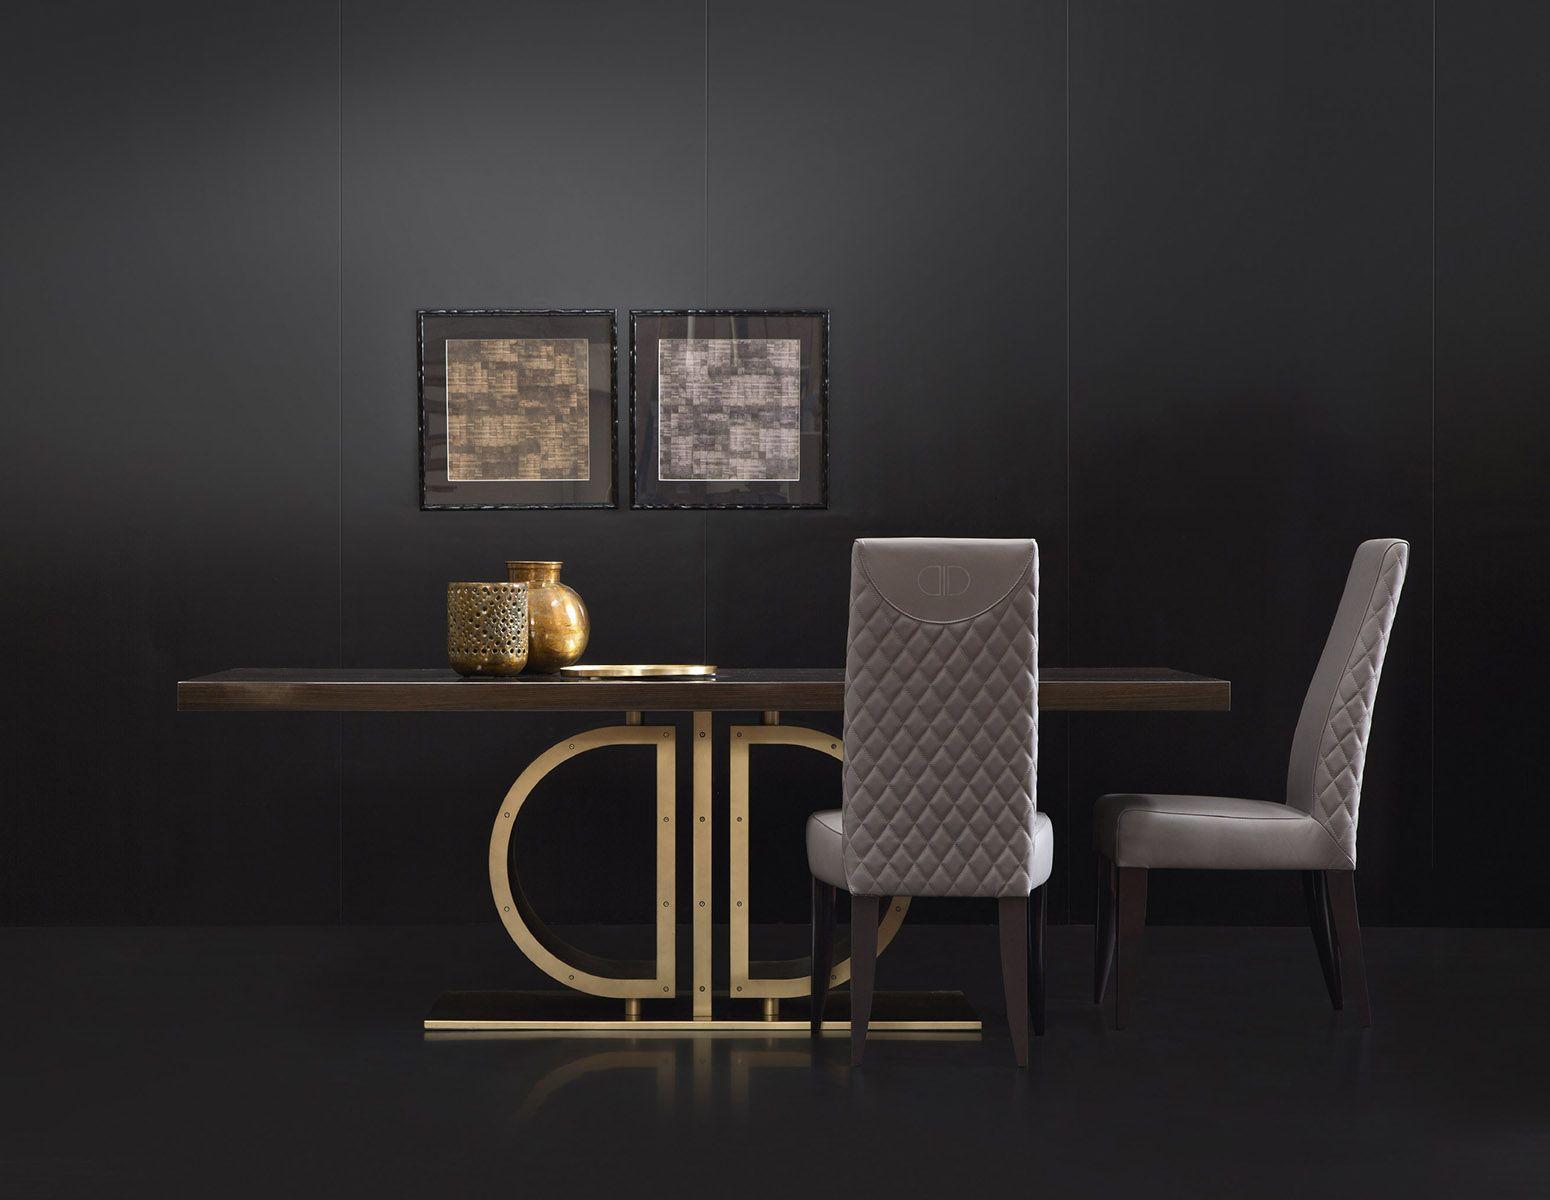 Signorini coco arredamento new dec e new contemporary for Arredamento made in china